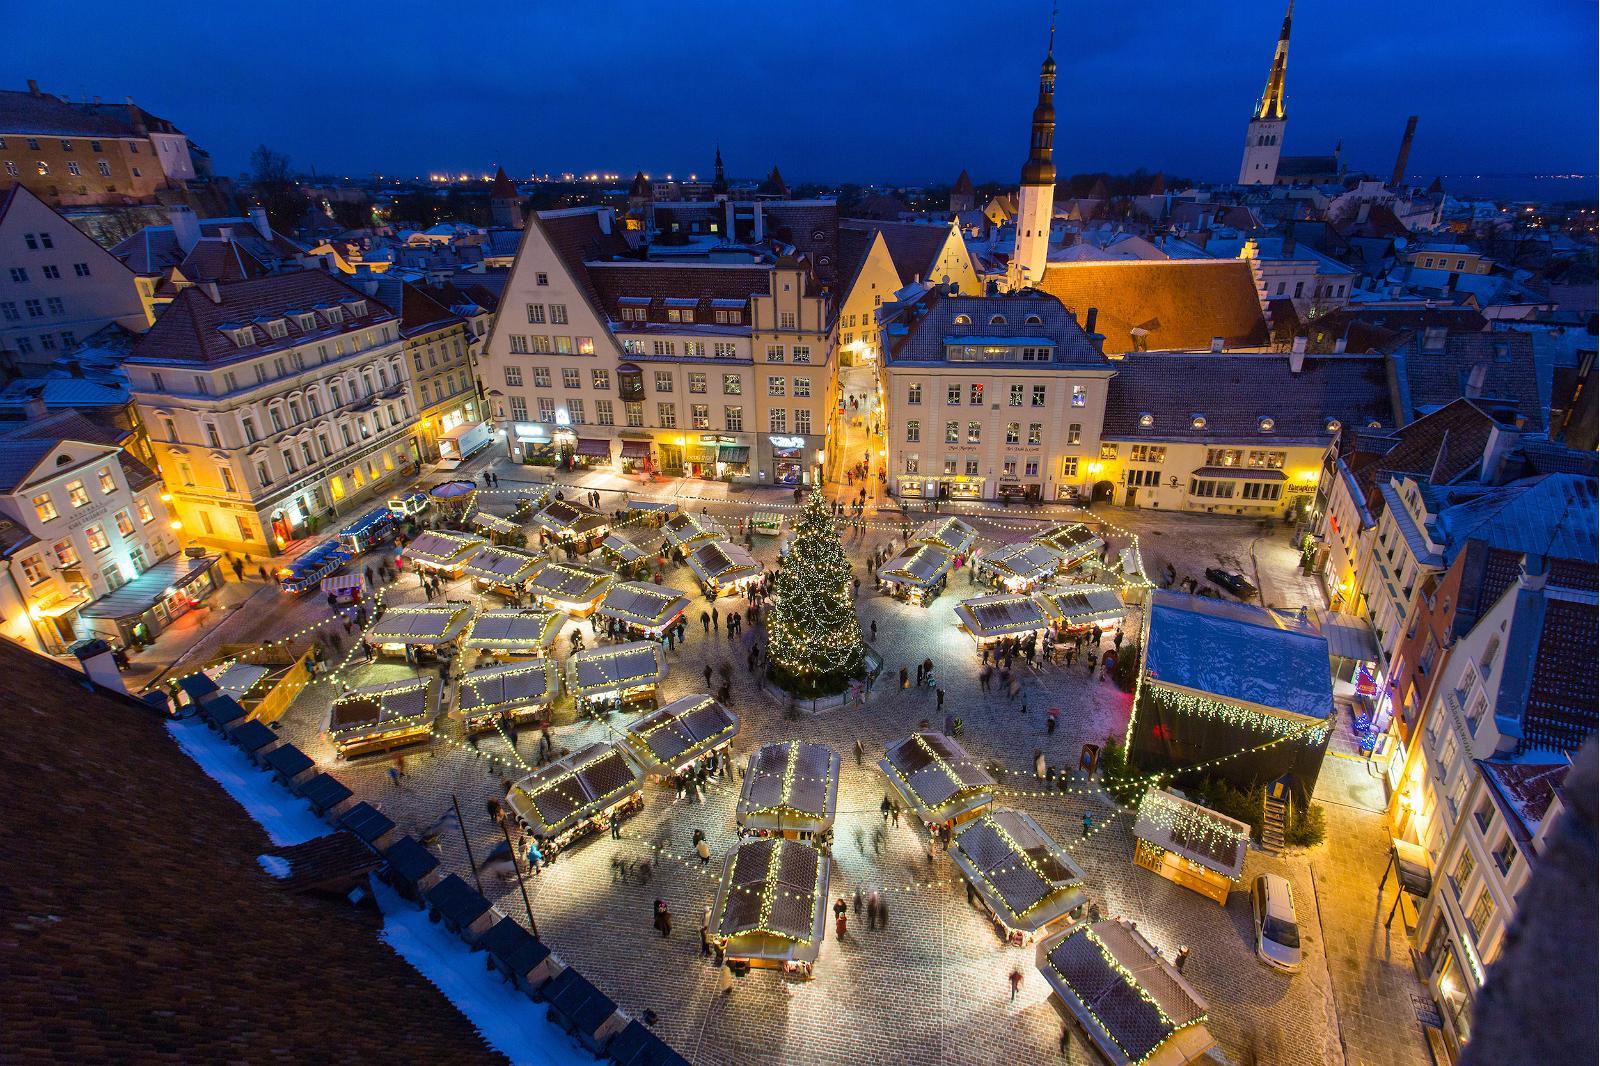 Joulutori tai -markkinat, kuinka vain, sijaitsee Raatihuoneen aukiolla Tallinnan vanhassa kaupungissa.